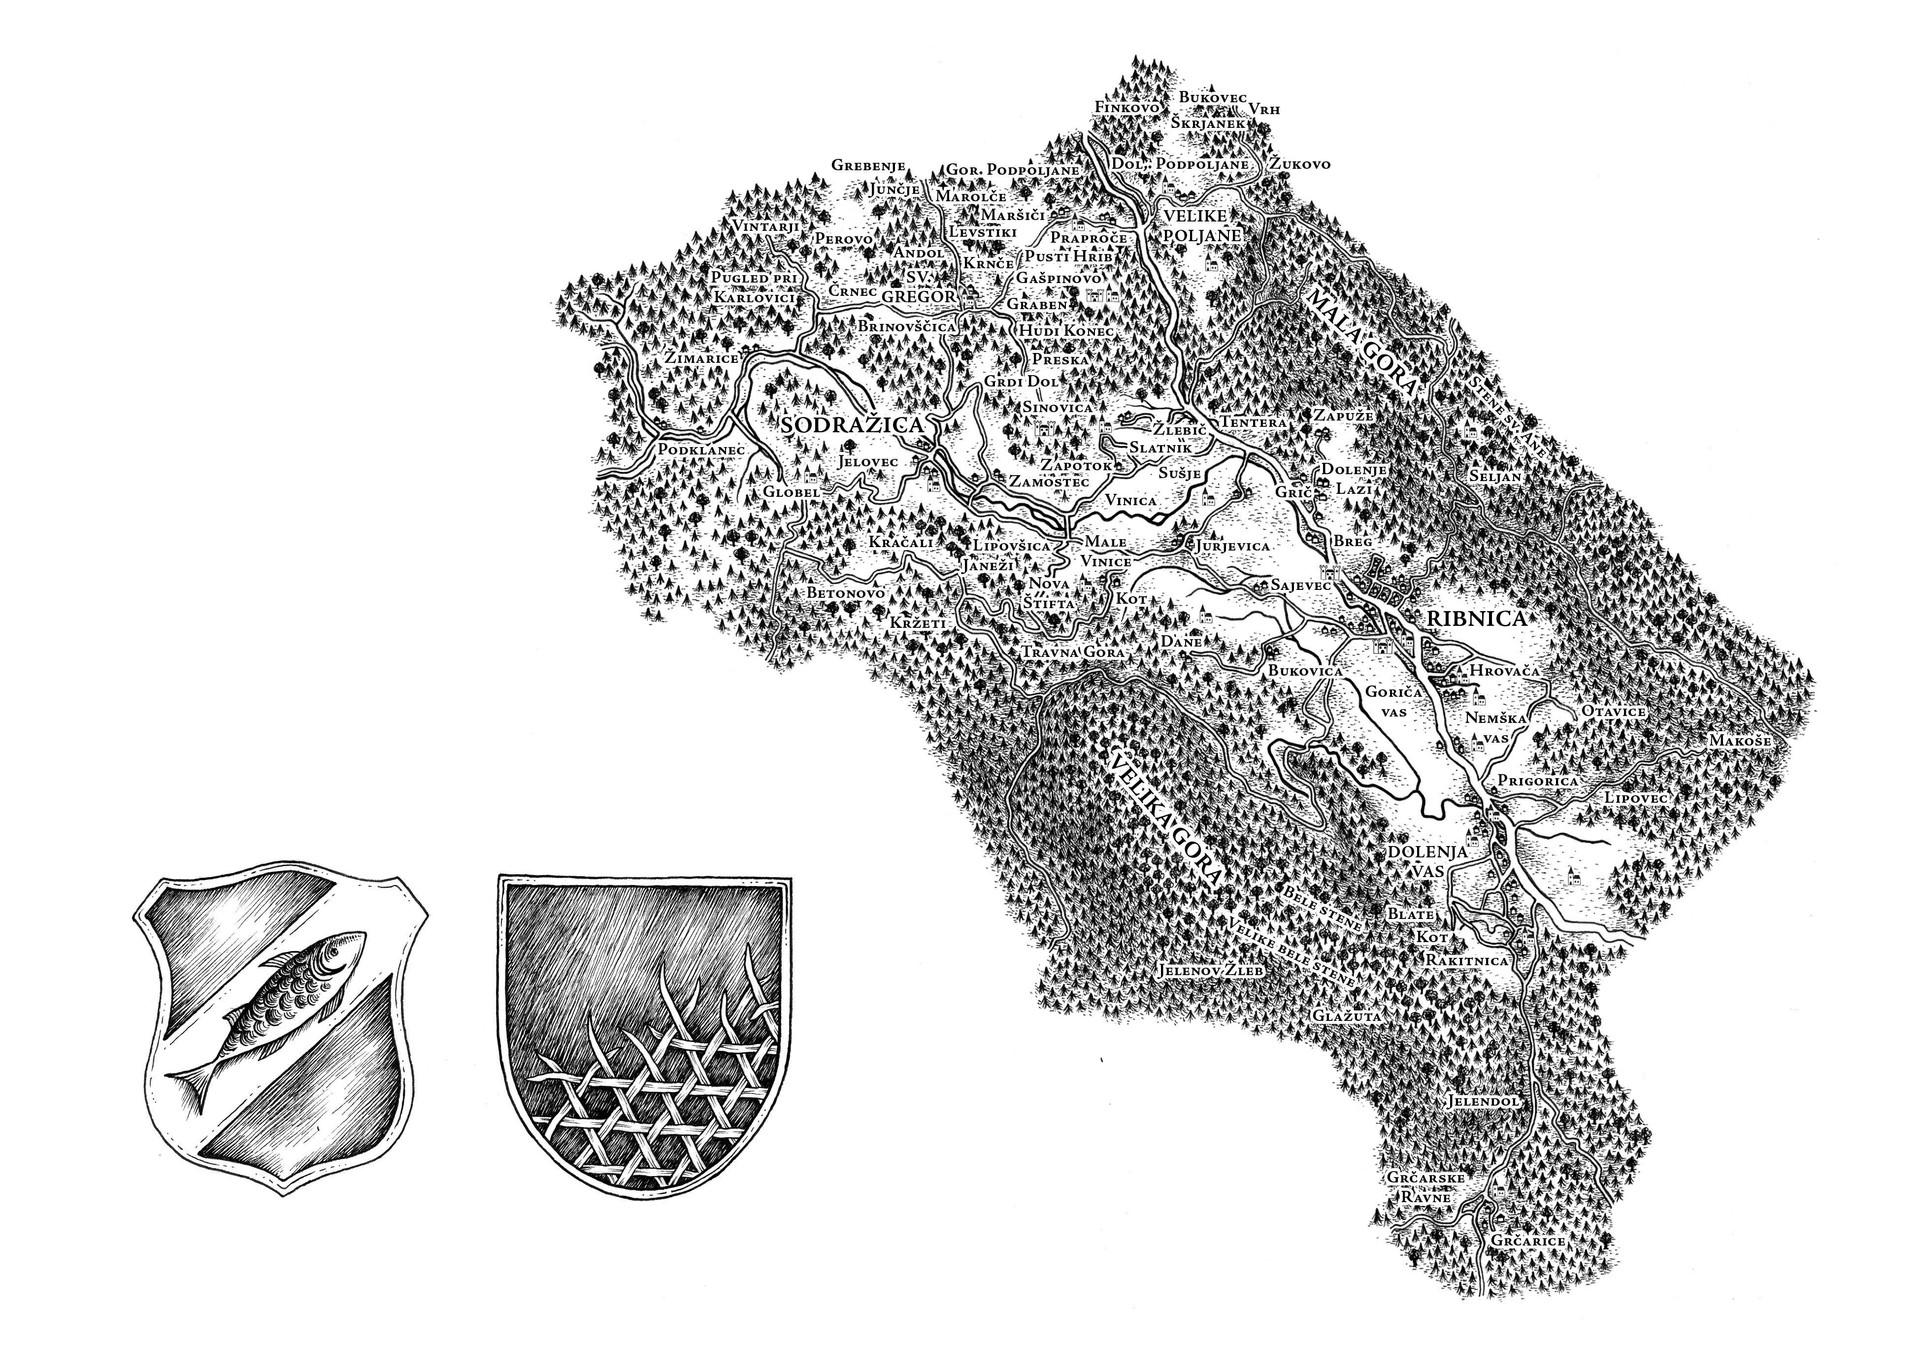 Ribnica & Sodražica